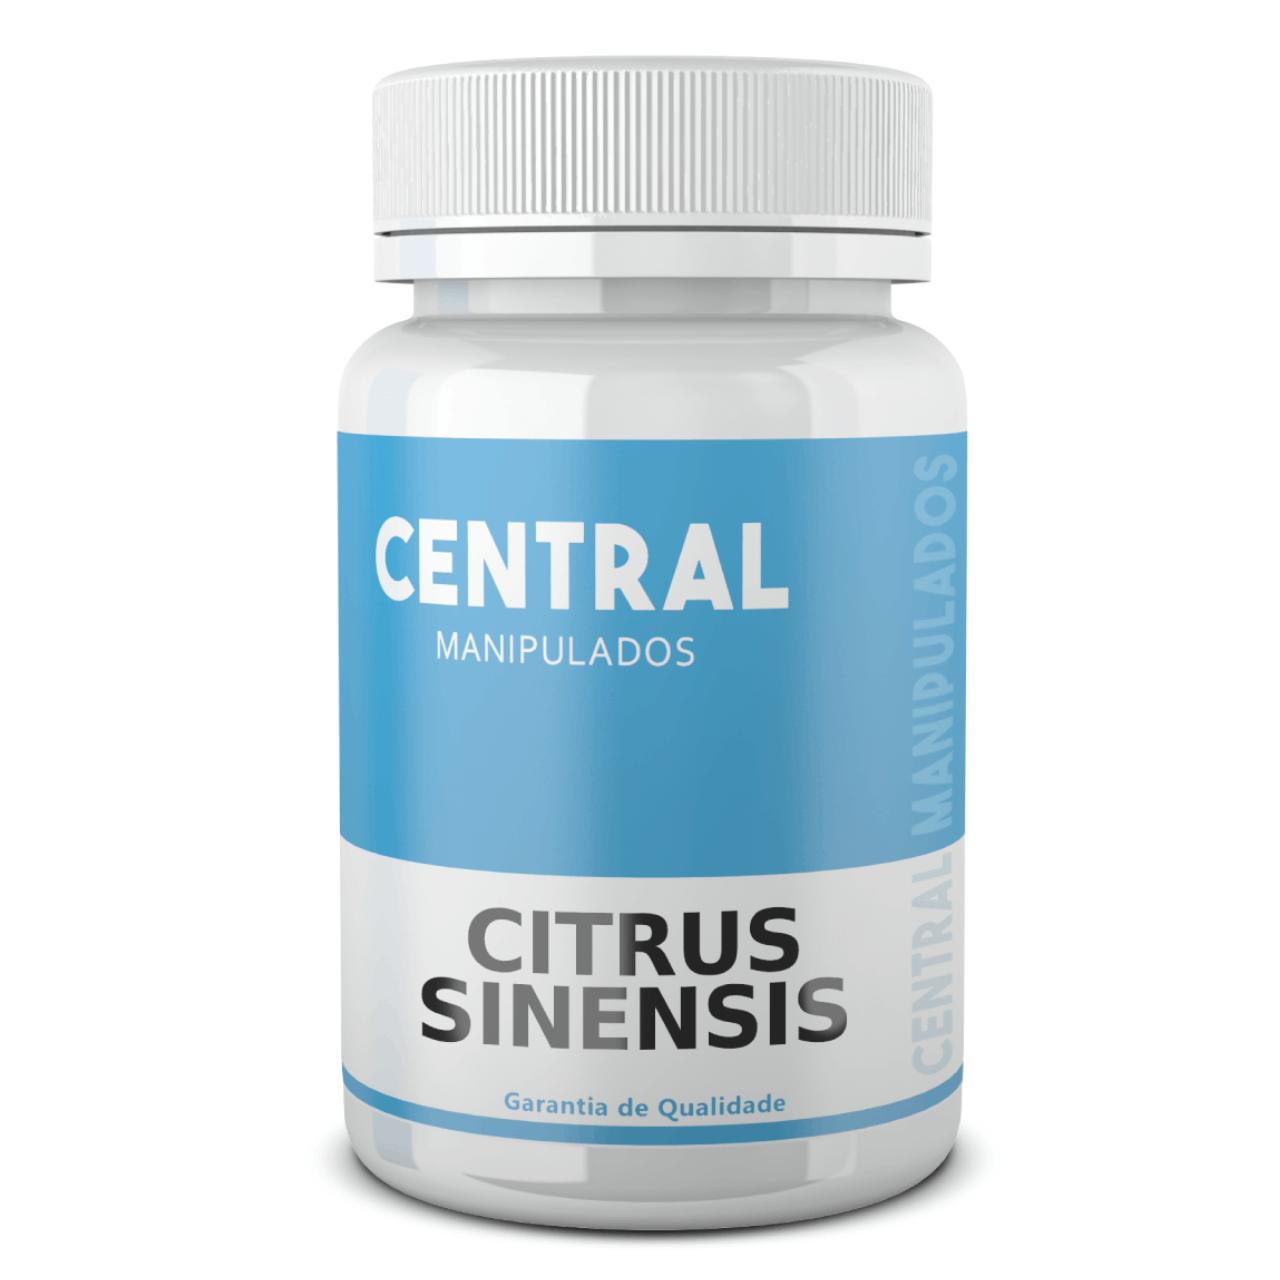 Citrus Sinensis (Laranja Moro) 500mg - 120 cápsulas - Auxílio na Redução de Medidas e Gerenciamento do Peso